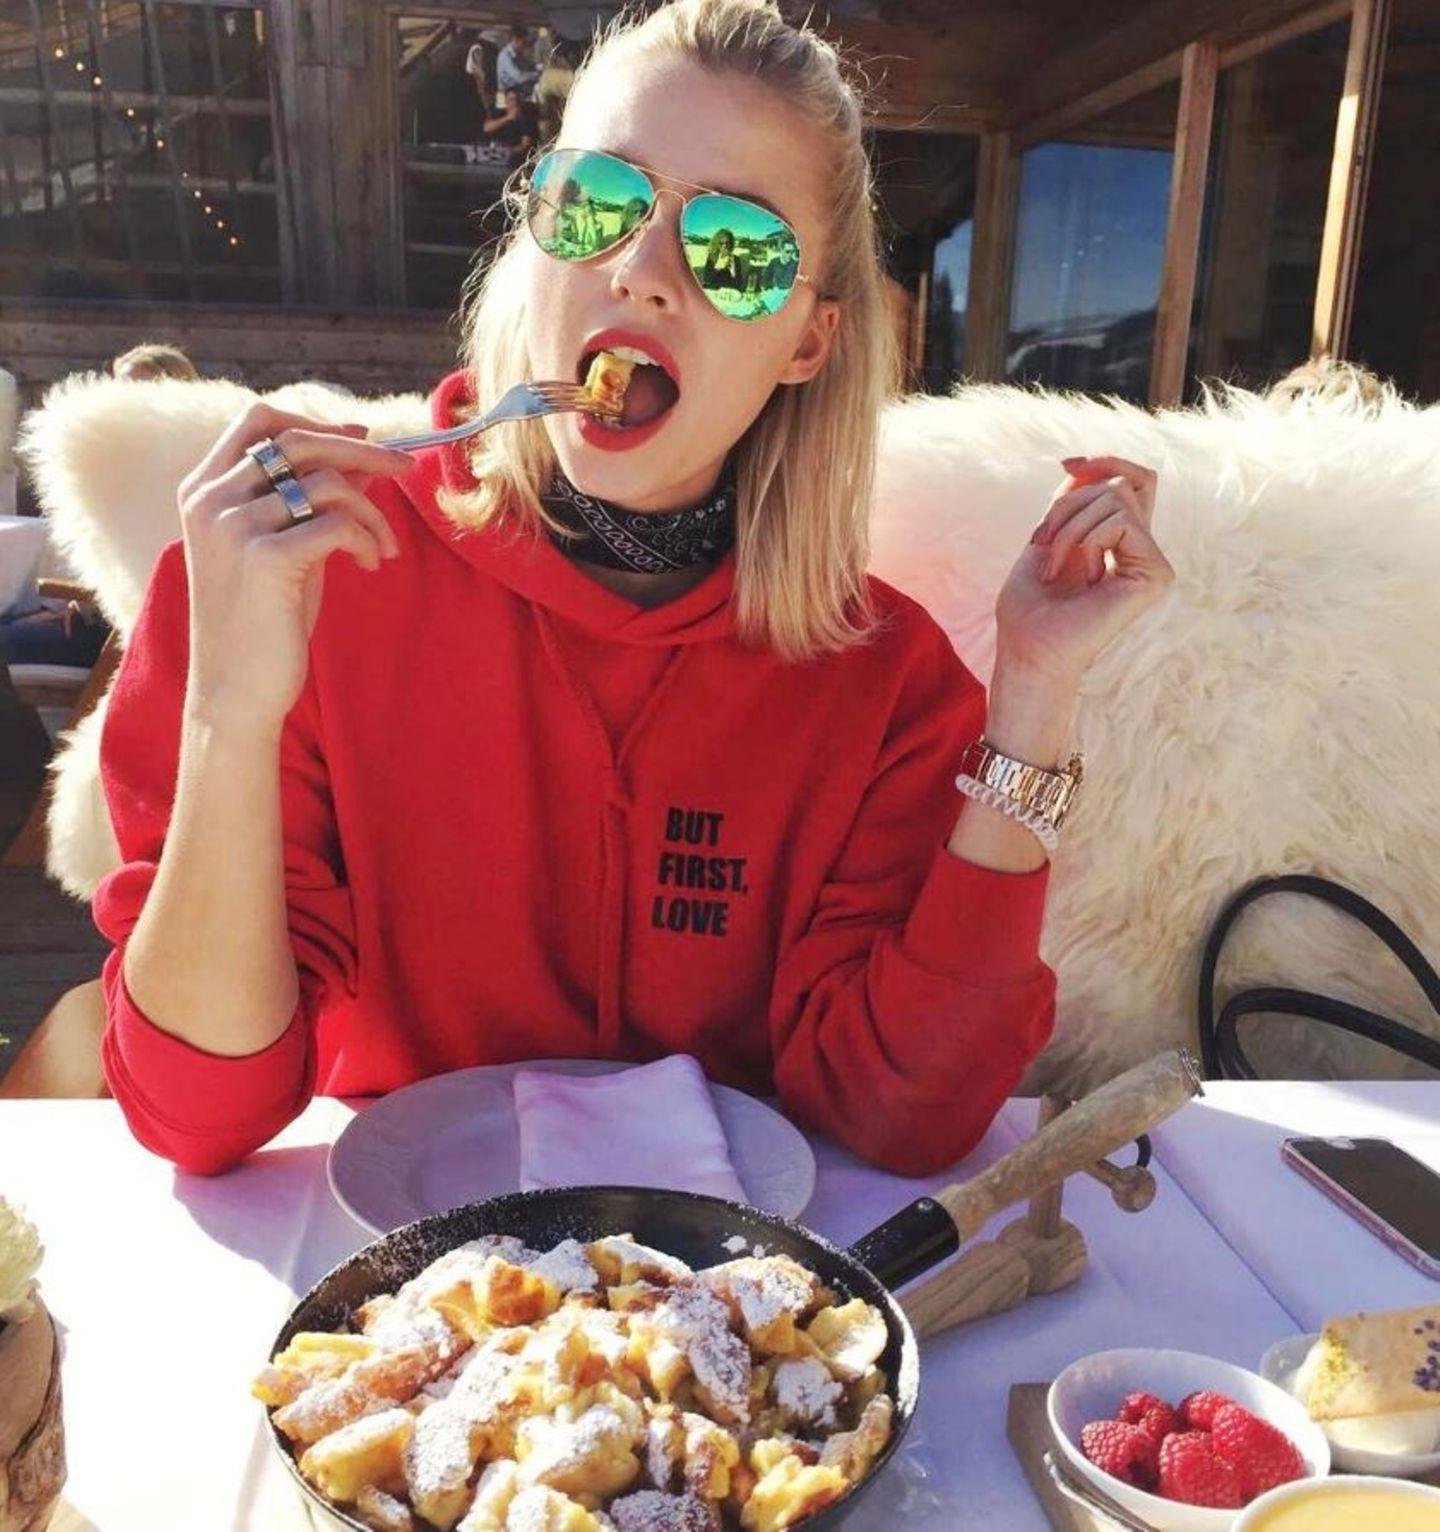 """Zum neidisch werden: Topmodel Lena Gercke genießt eine Portion Kaiserschmarrn bei strahlendem Sonnenschein in Kitzbühel. Noch schöner ist allerdings das Statement auf Lenas rotem Sweatshirt: """"BUT FIRST, LOVE"""""""